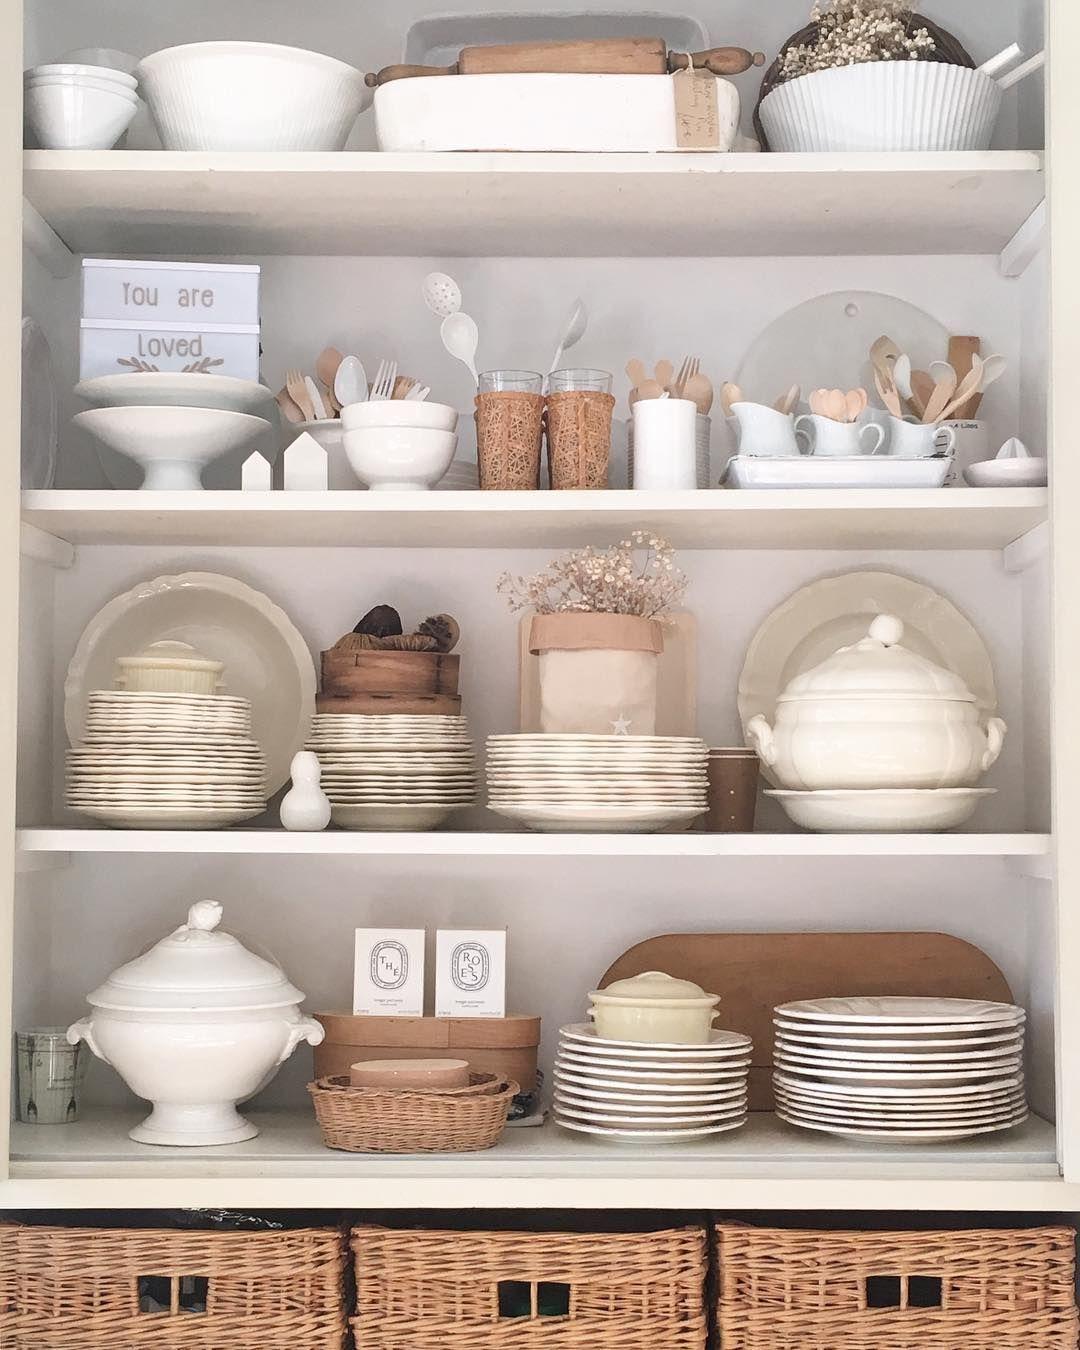 Le Vaisselier dedans grand ménage dans la cuisine! vider le vaisselier (dans l'espoir de